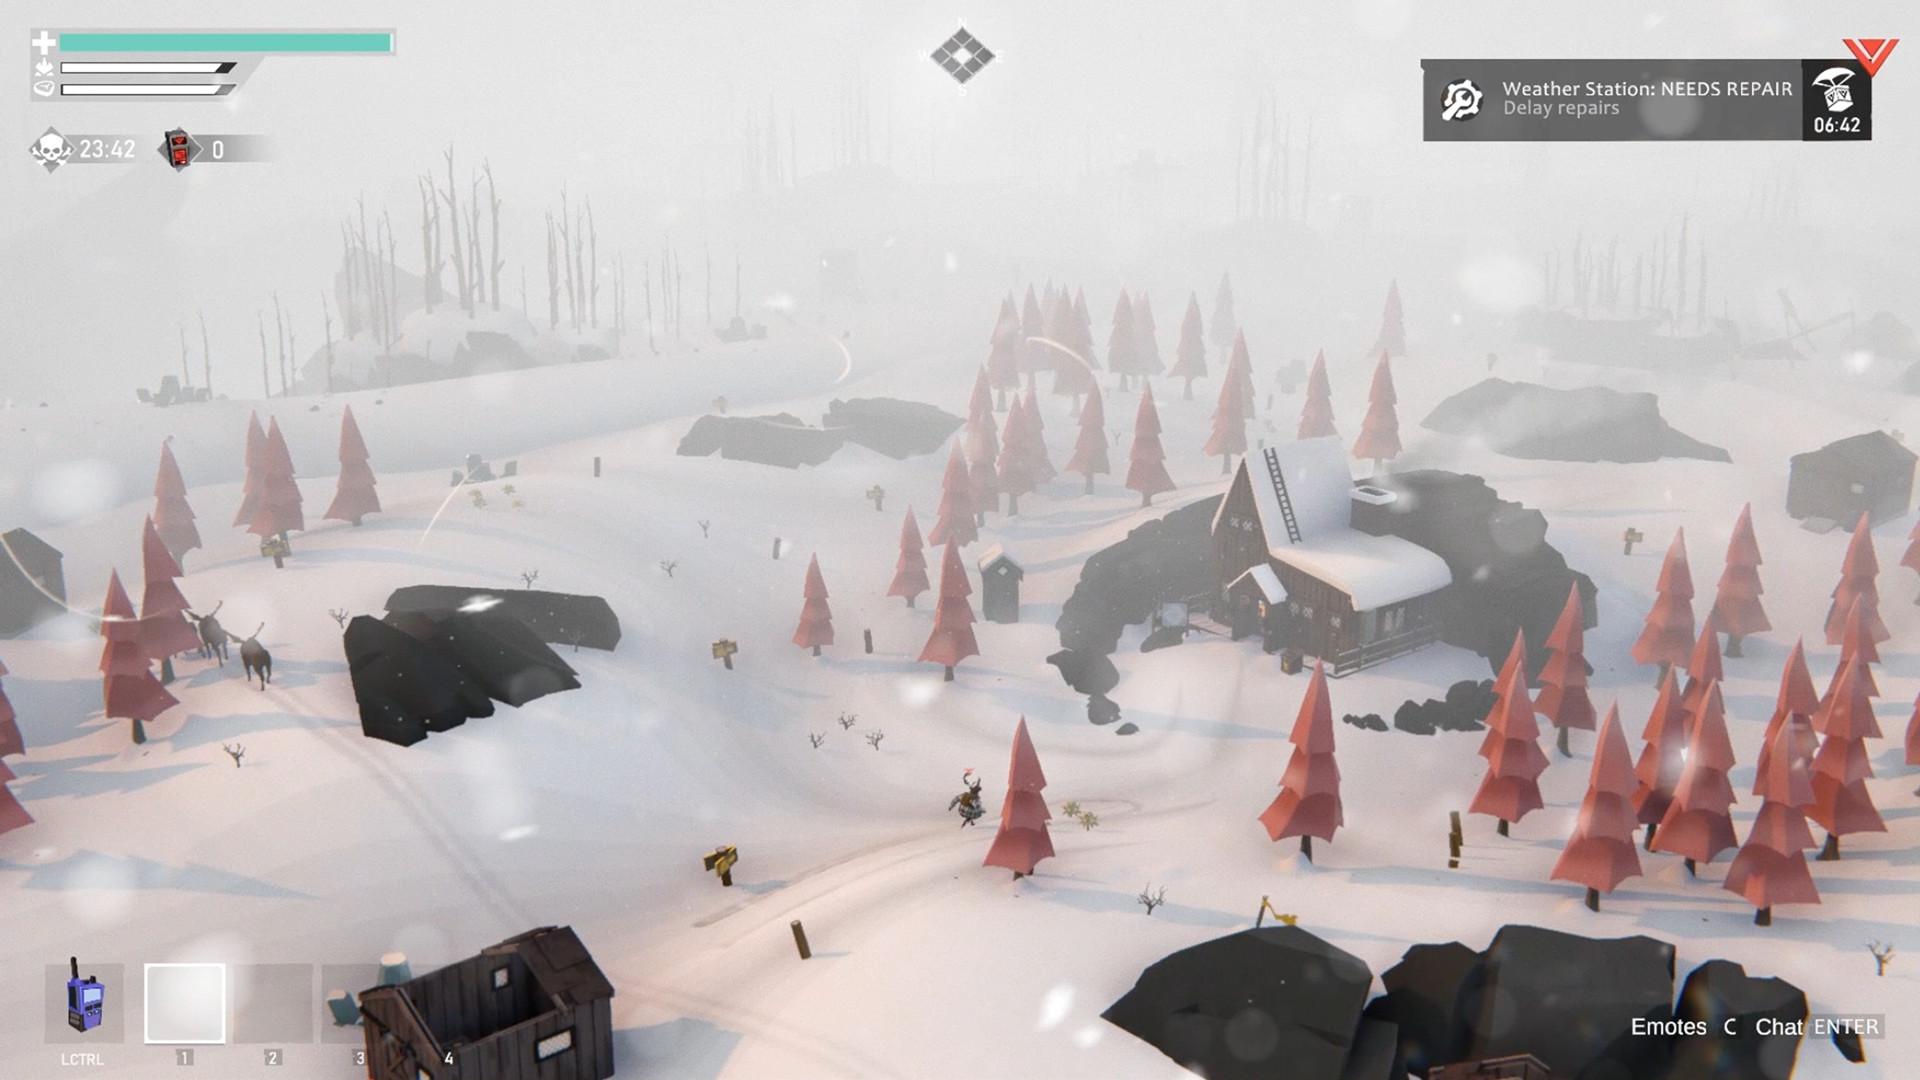 冬日计划/Project Winter插图6